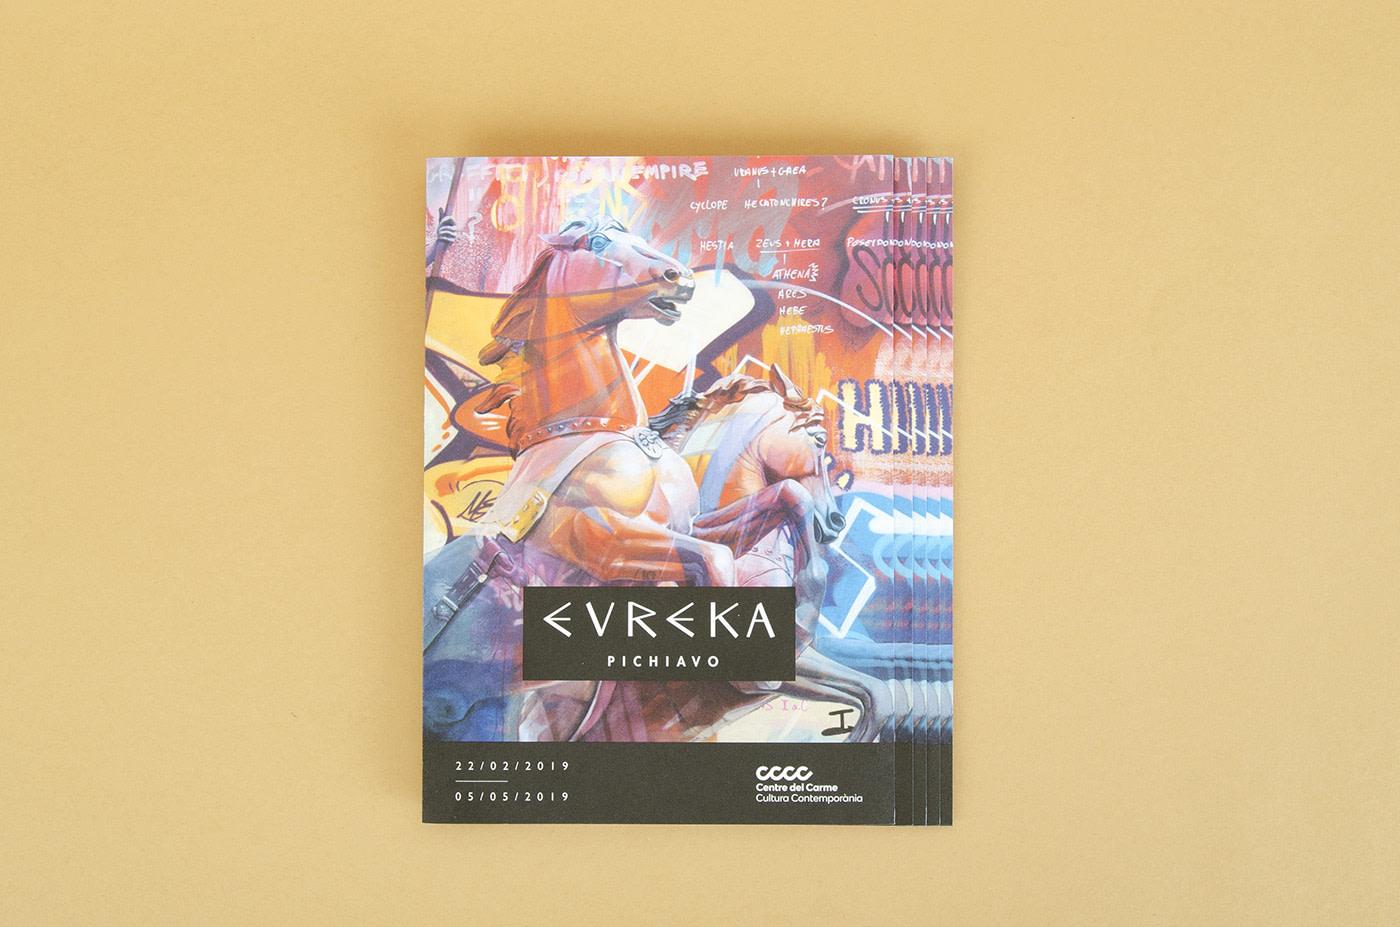 Evreka by Pichiavo - Centre del Carme